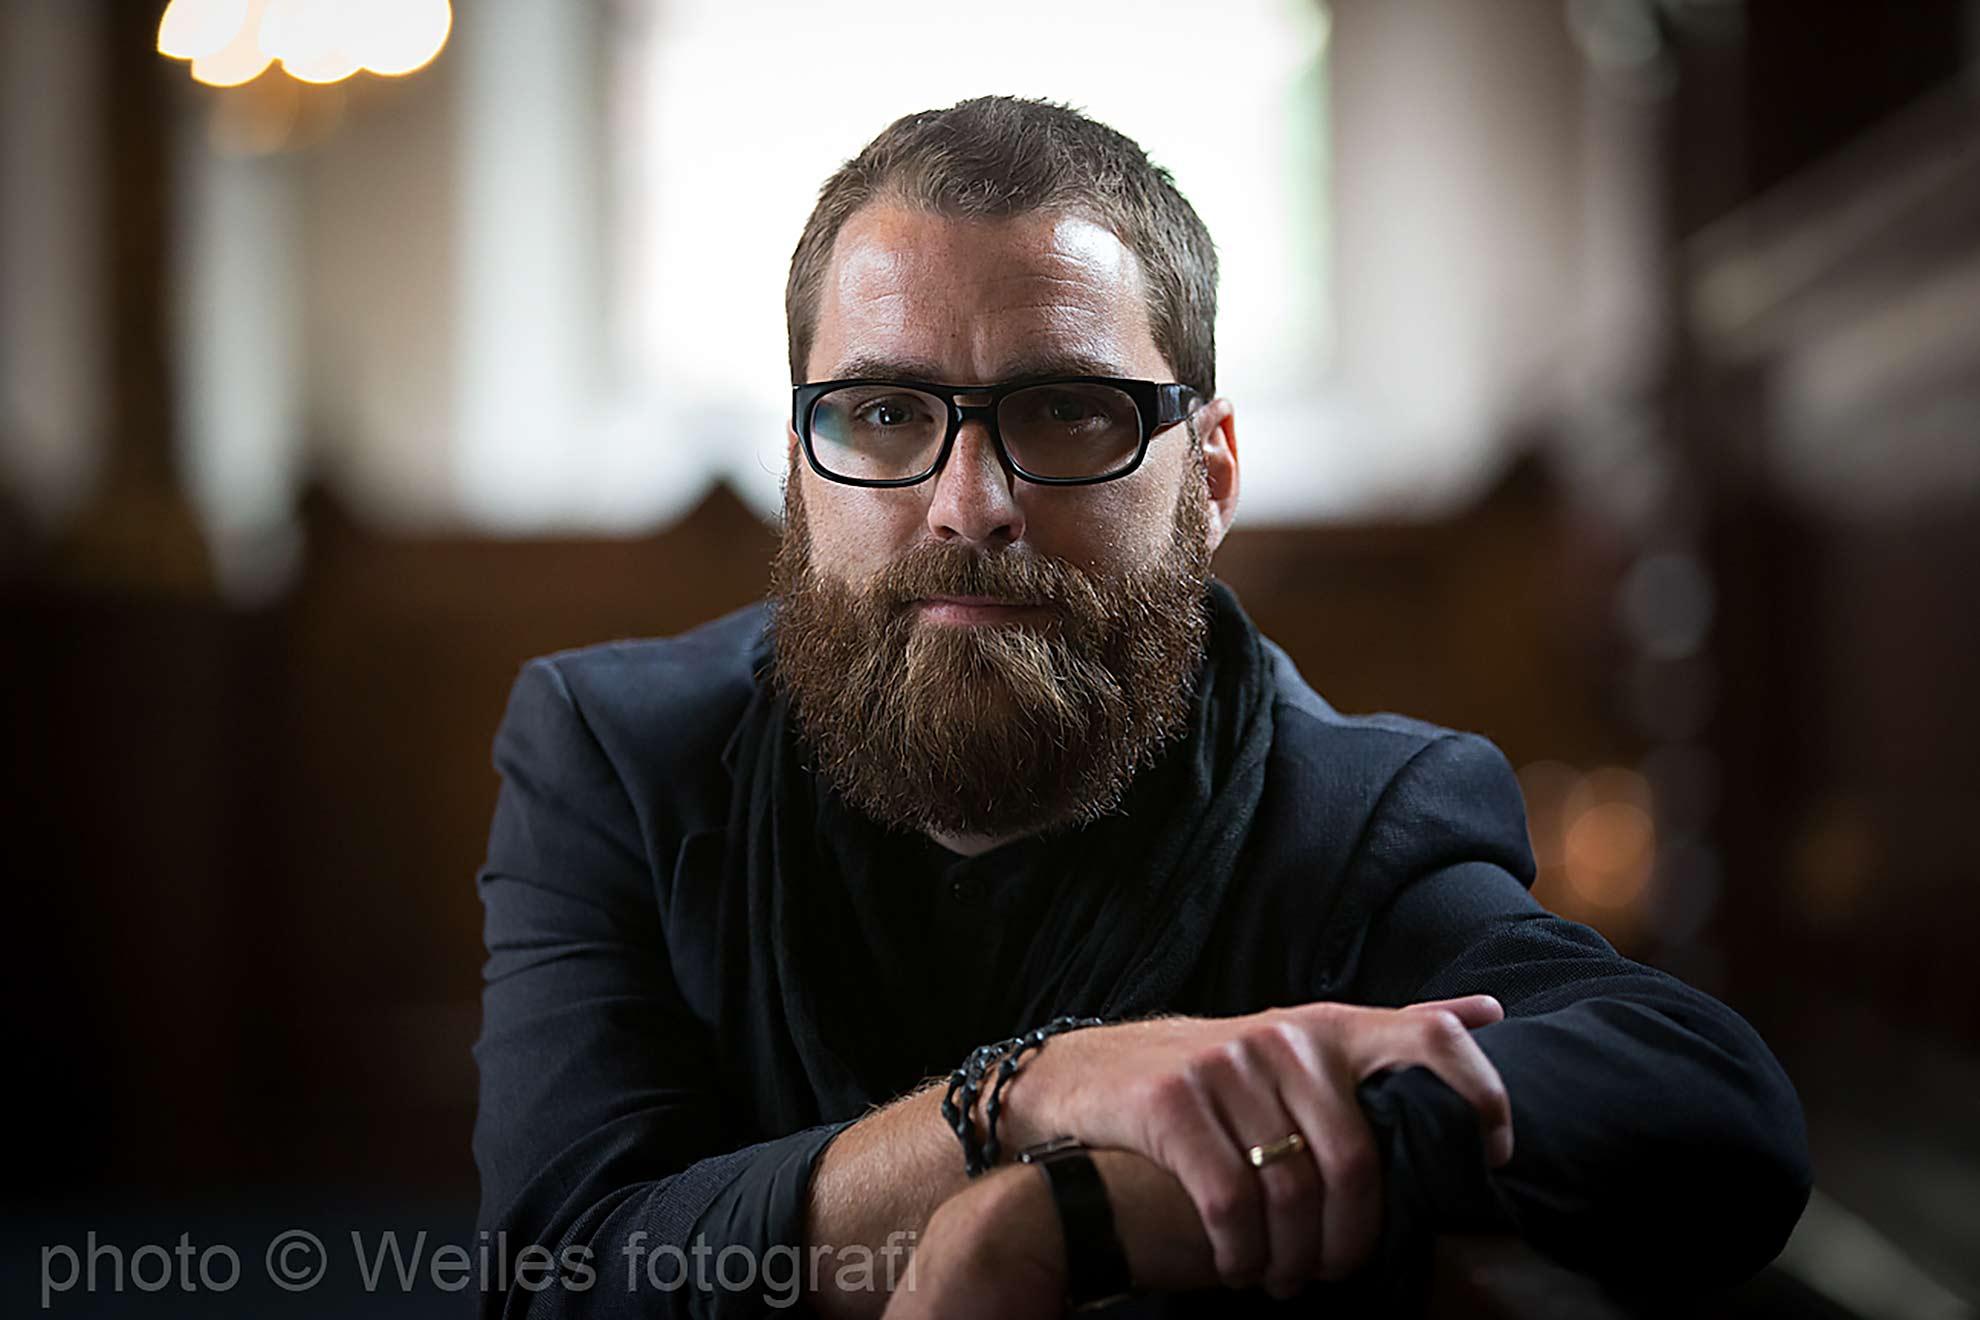 En ikke helt almindelig folkekirkepræst: Portræt af Nattepræst og Sognepræst i Hellligaandskirken i København